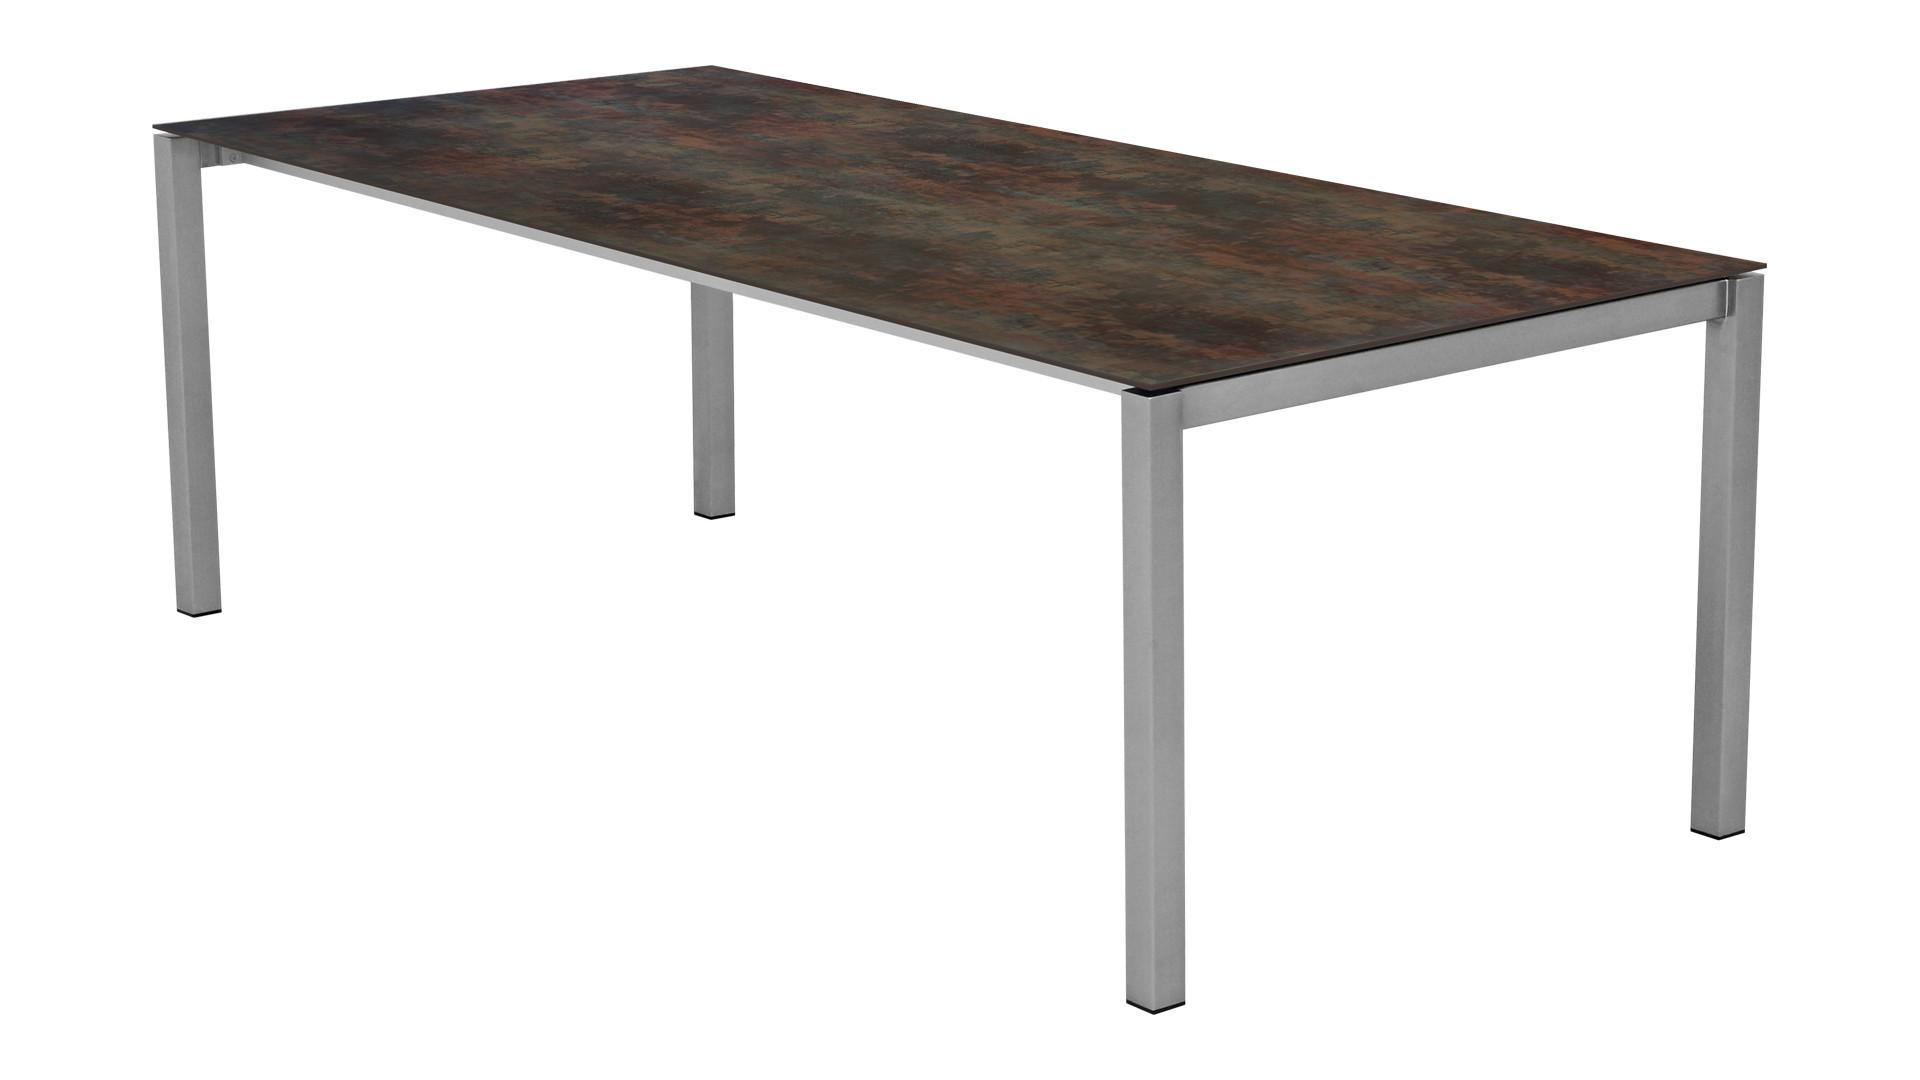 Keramik-Auszug-Tisch Garnitur MAXIM 220/280 (inkl. 8 Stk. Stühlen) 13